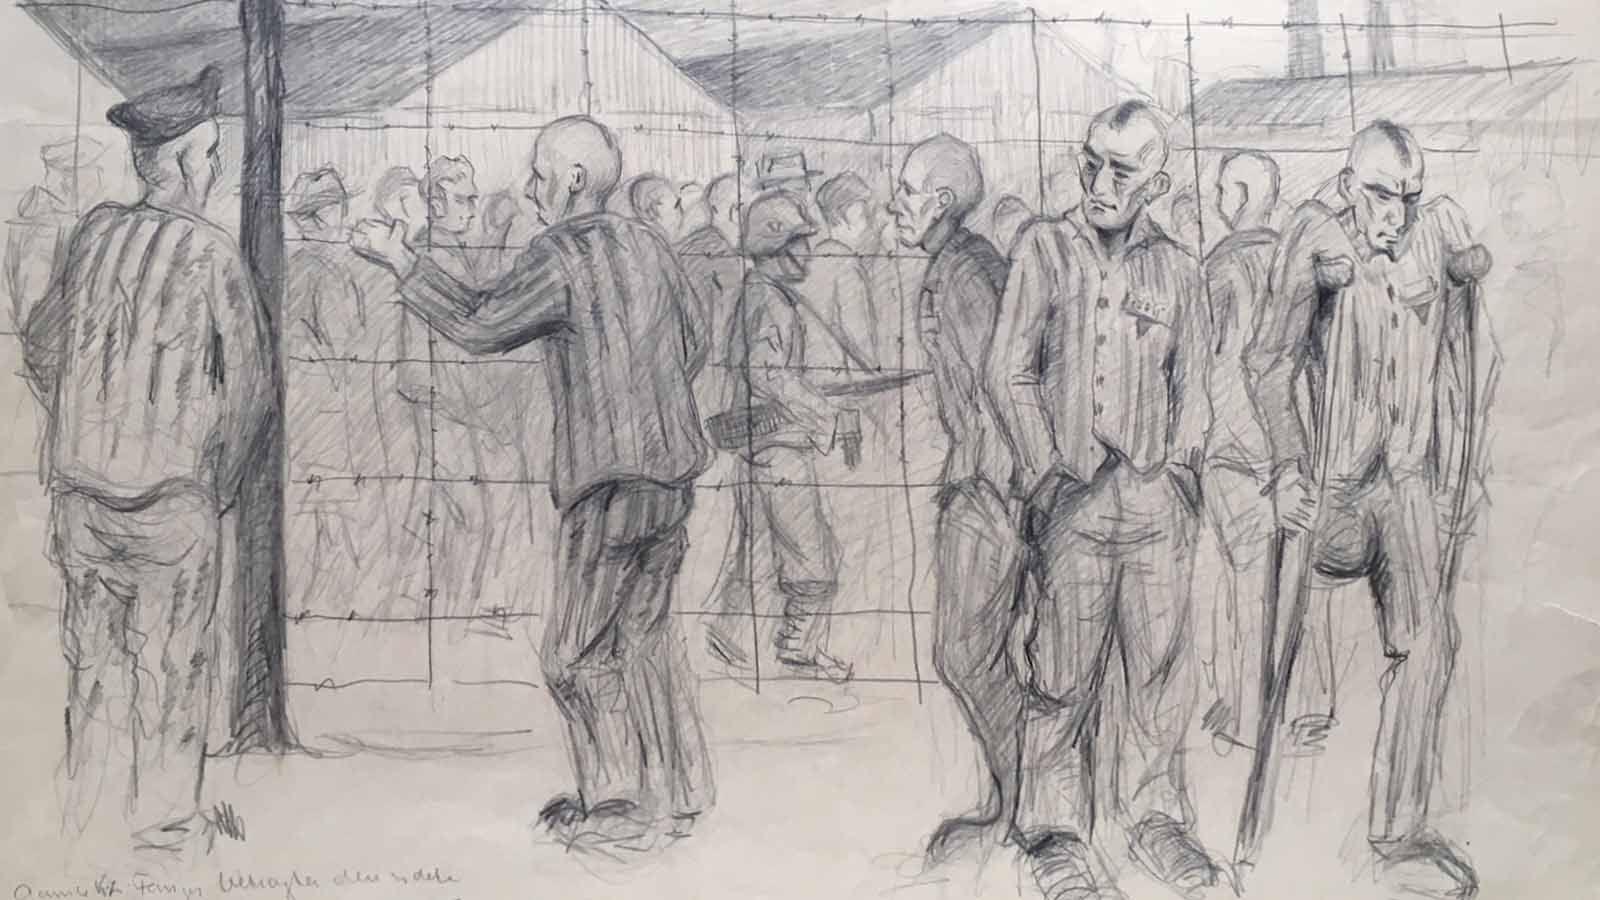 Kunstner i kz-lejr